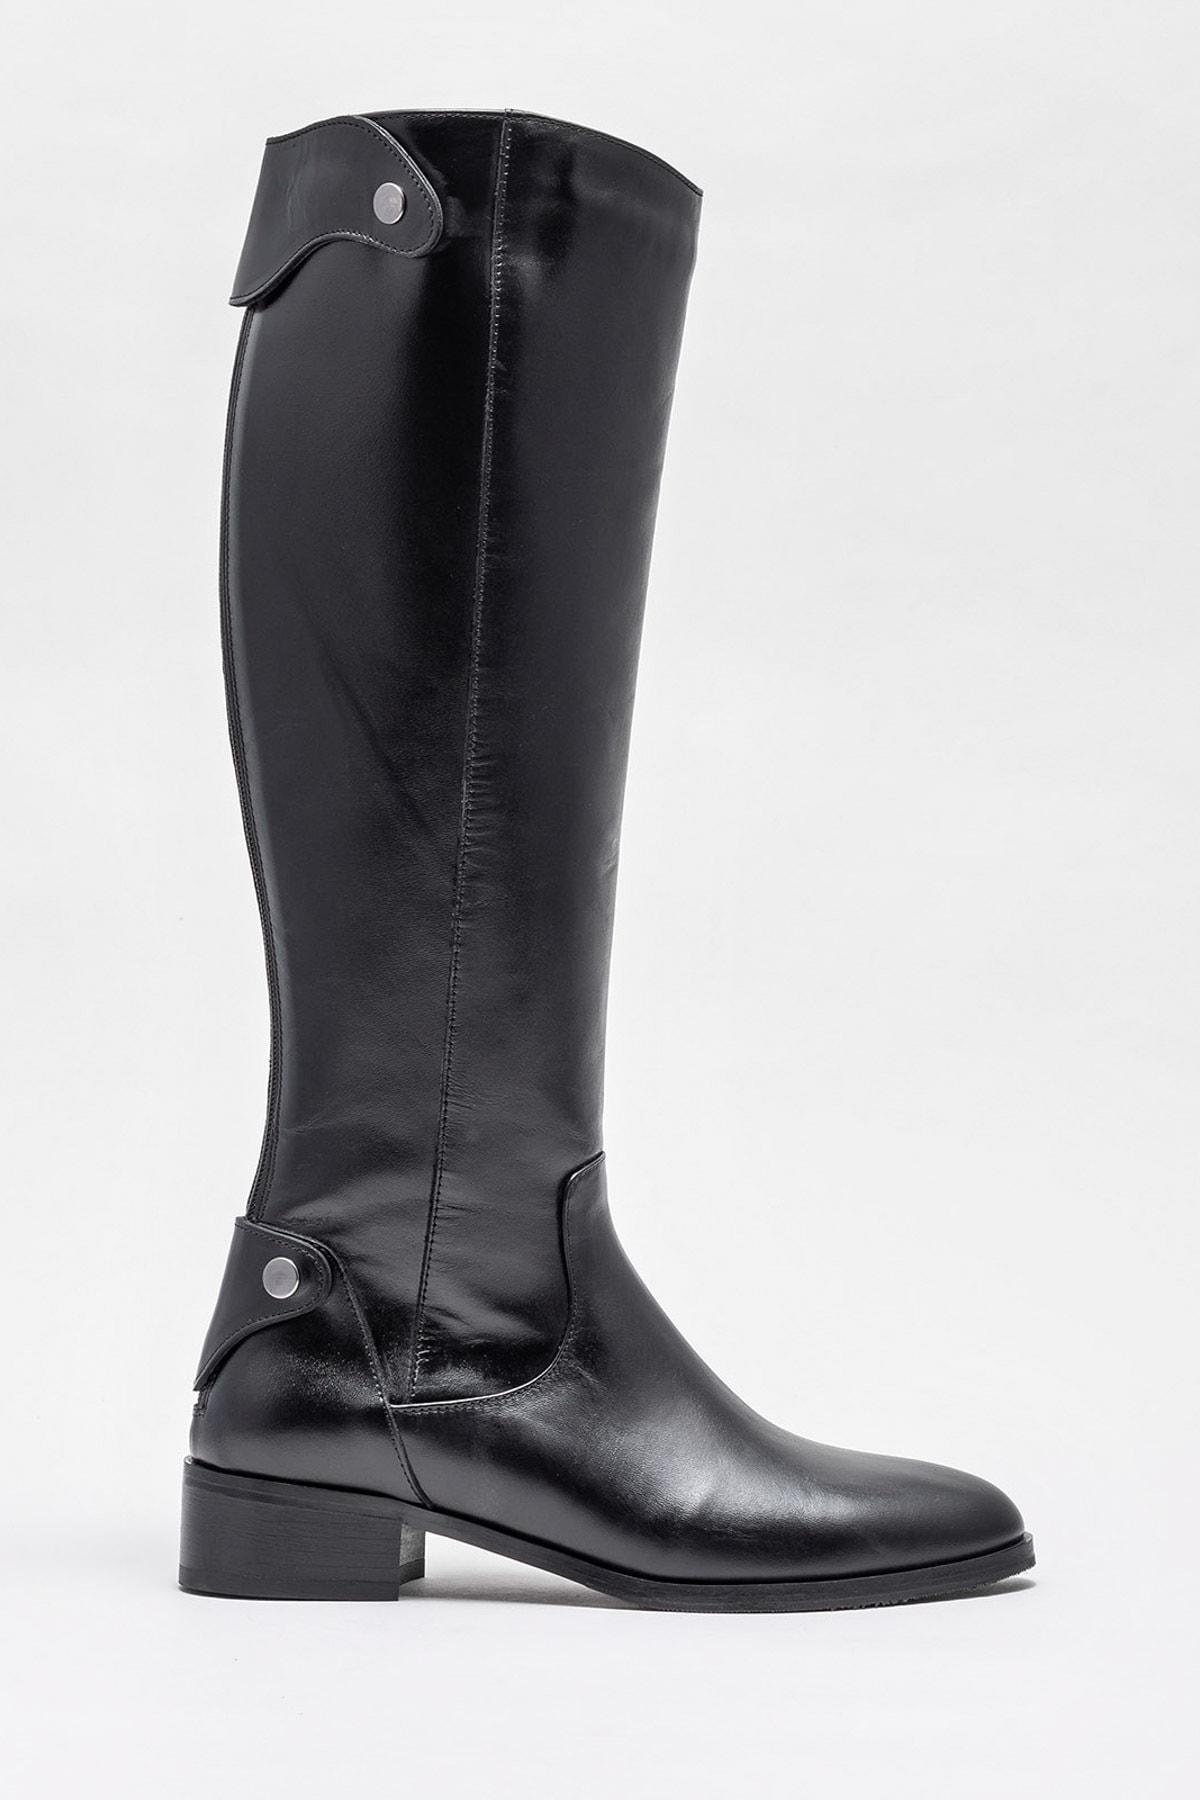 Elle Shoes Kadın Kestrel Sıyah Çizme 20K053 1